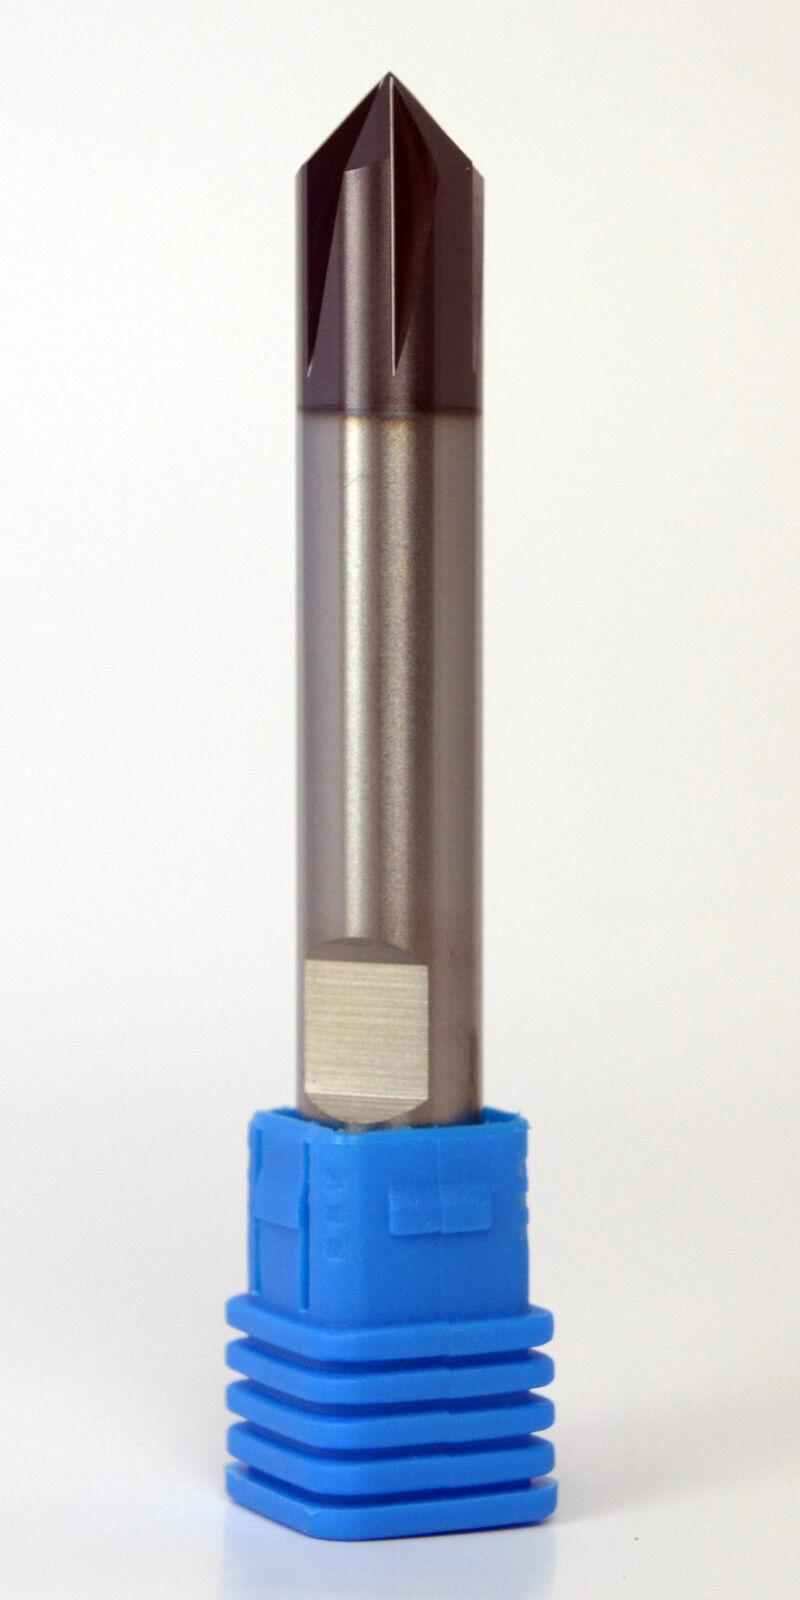 VHM Fasenfräser, Entgrater, 90°, Ø4-12mm, Z4-6, HB-Schaft, DIN 6535